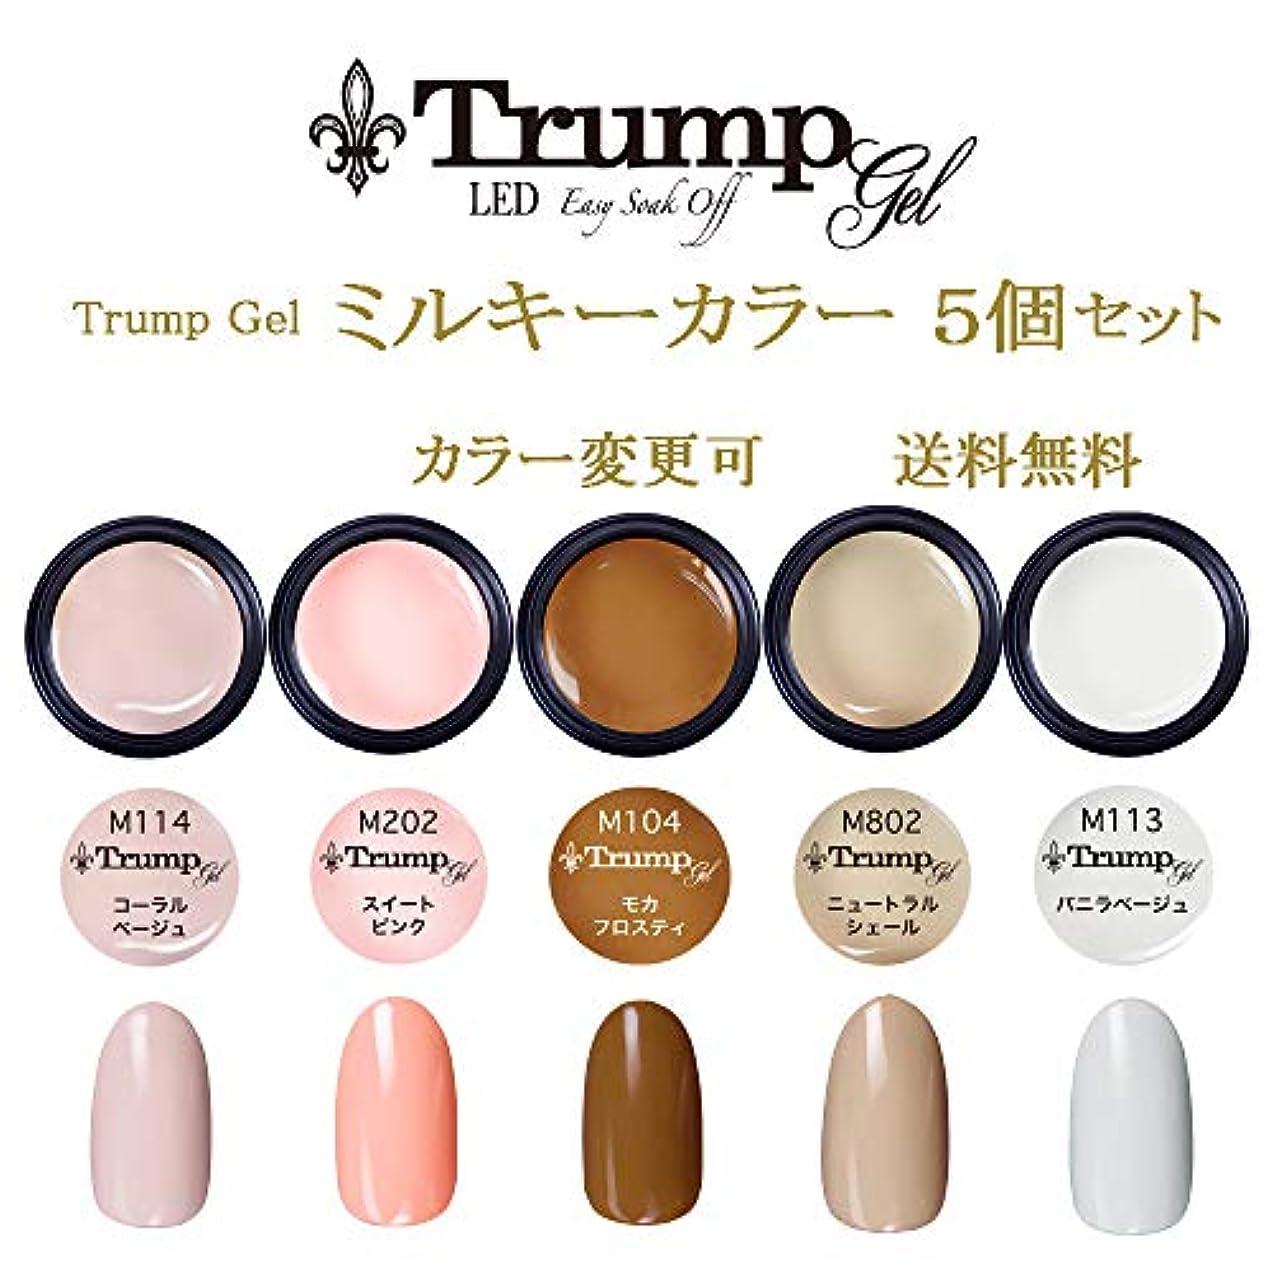 君主支配する険しい【送料無料】日本製 Trump gel トランプジェル ミルキーカラー 選べる カラージェル 5個セット ミルキーネイル ベージュ ピンク ミルキー カラー